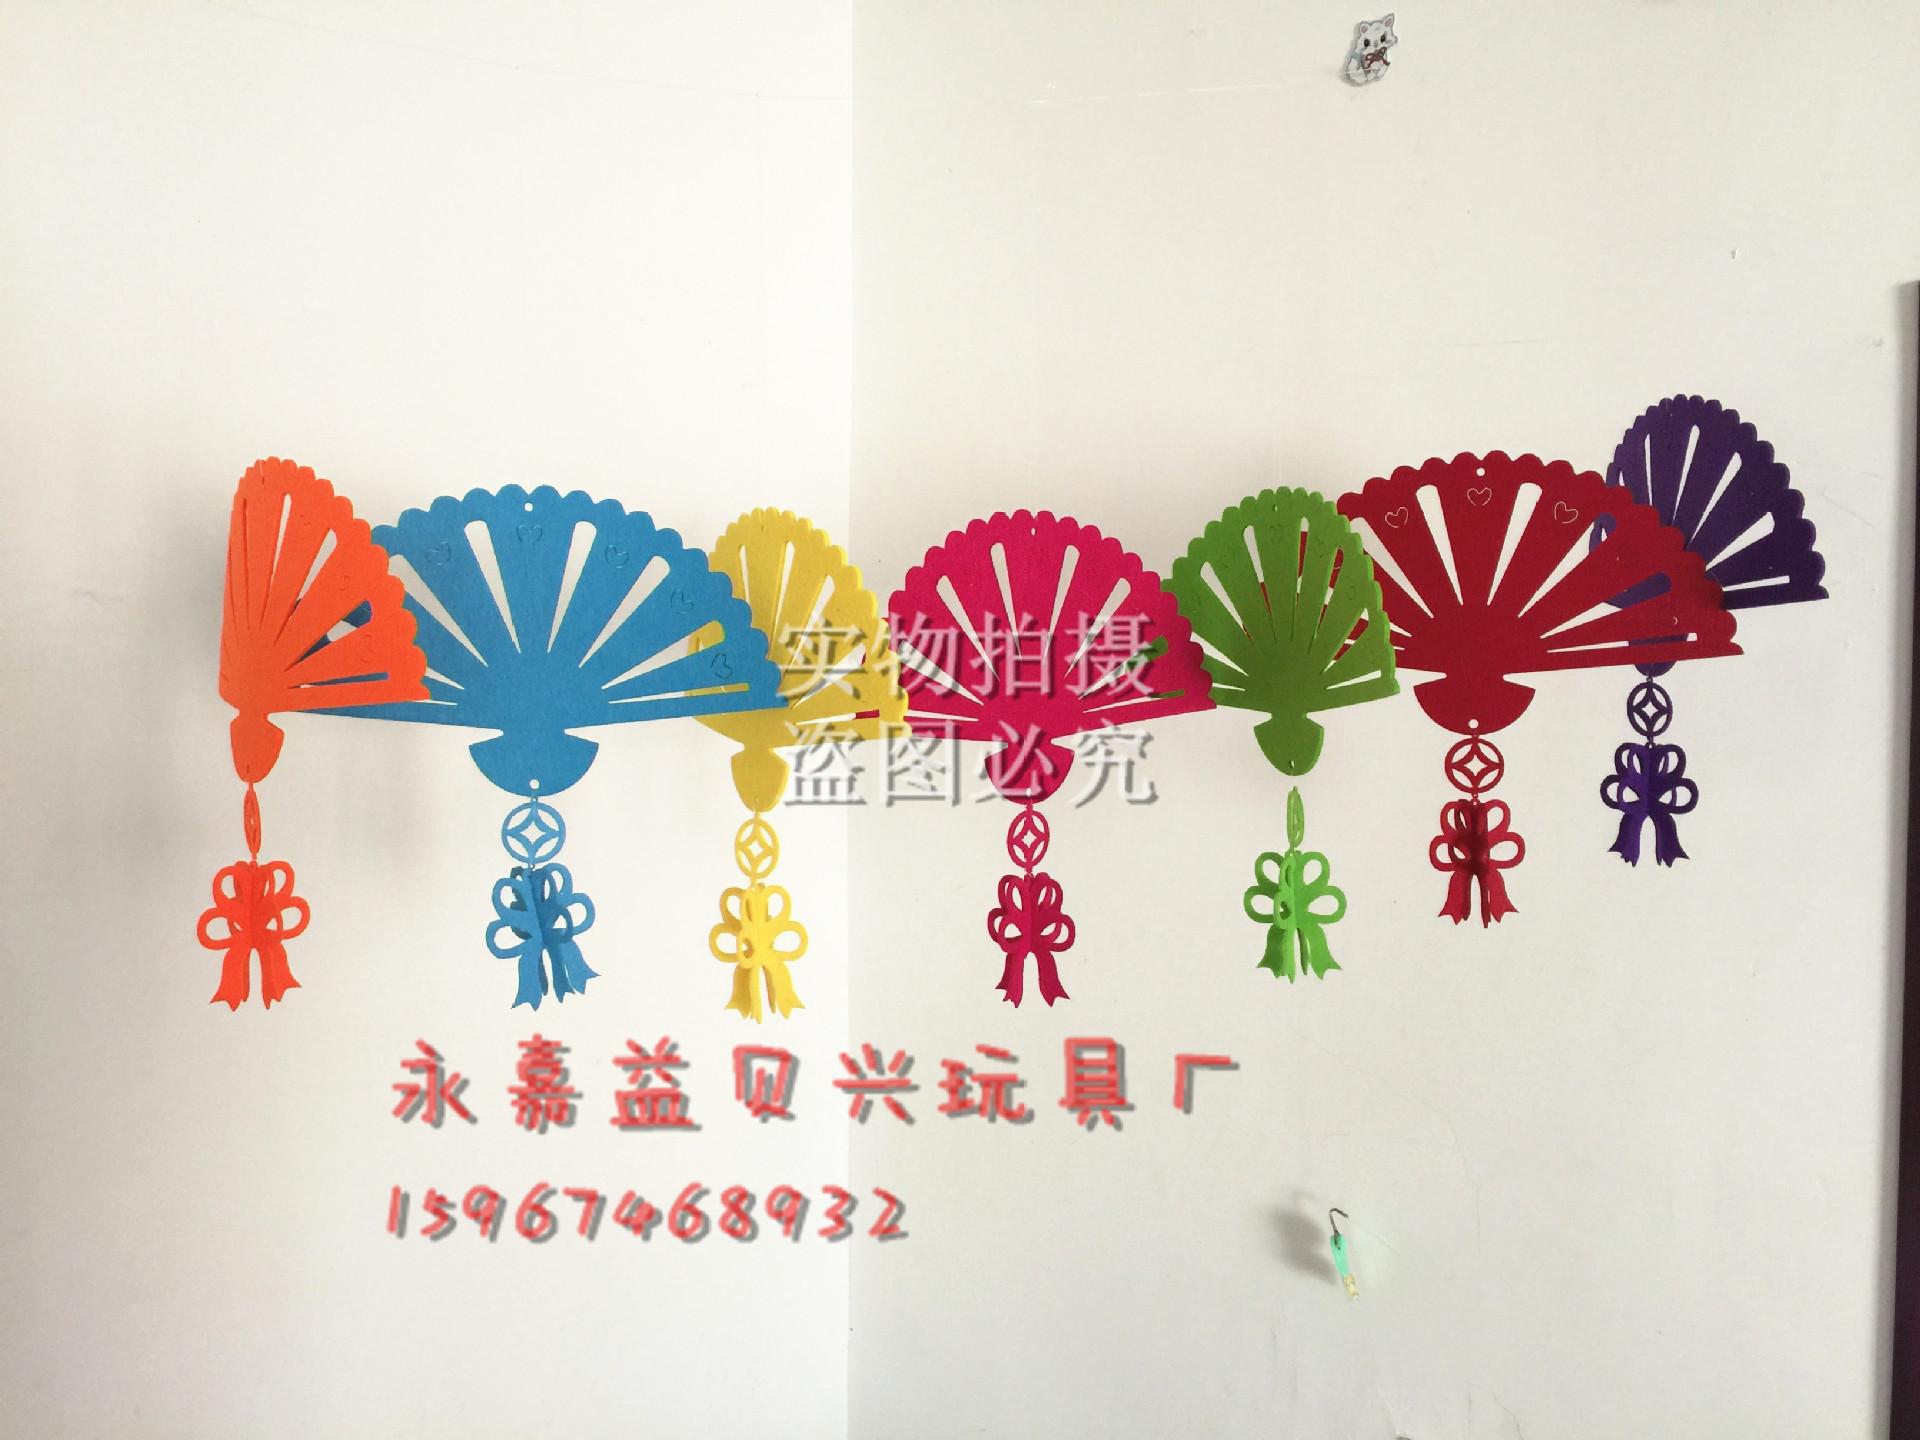 无纺布扇子吊饰幼儿园走廊创意空中挂饰室内布置 悬挂 中国风示例图6